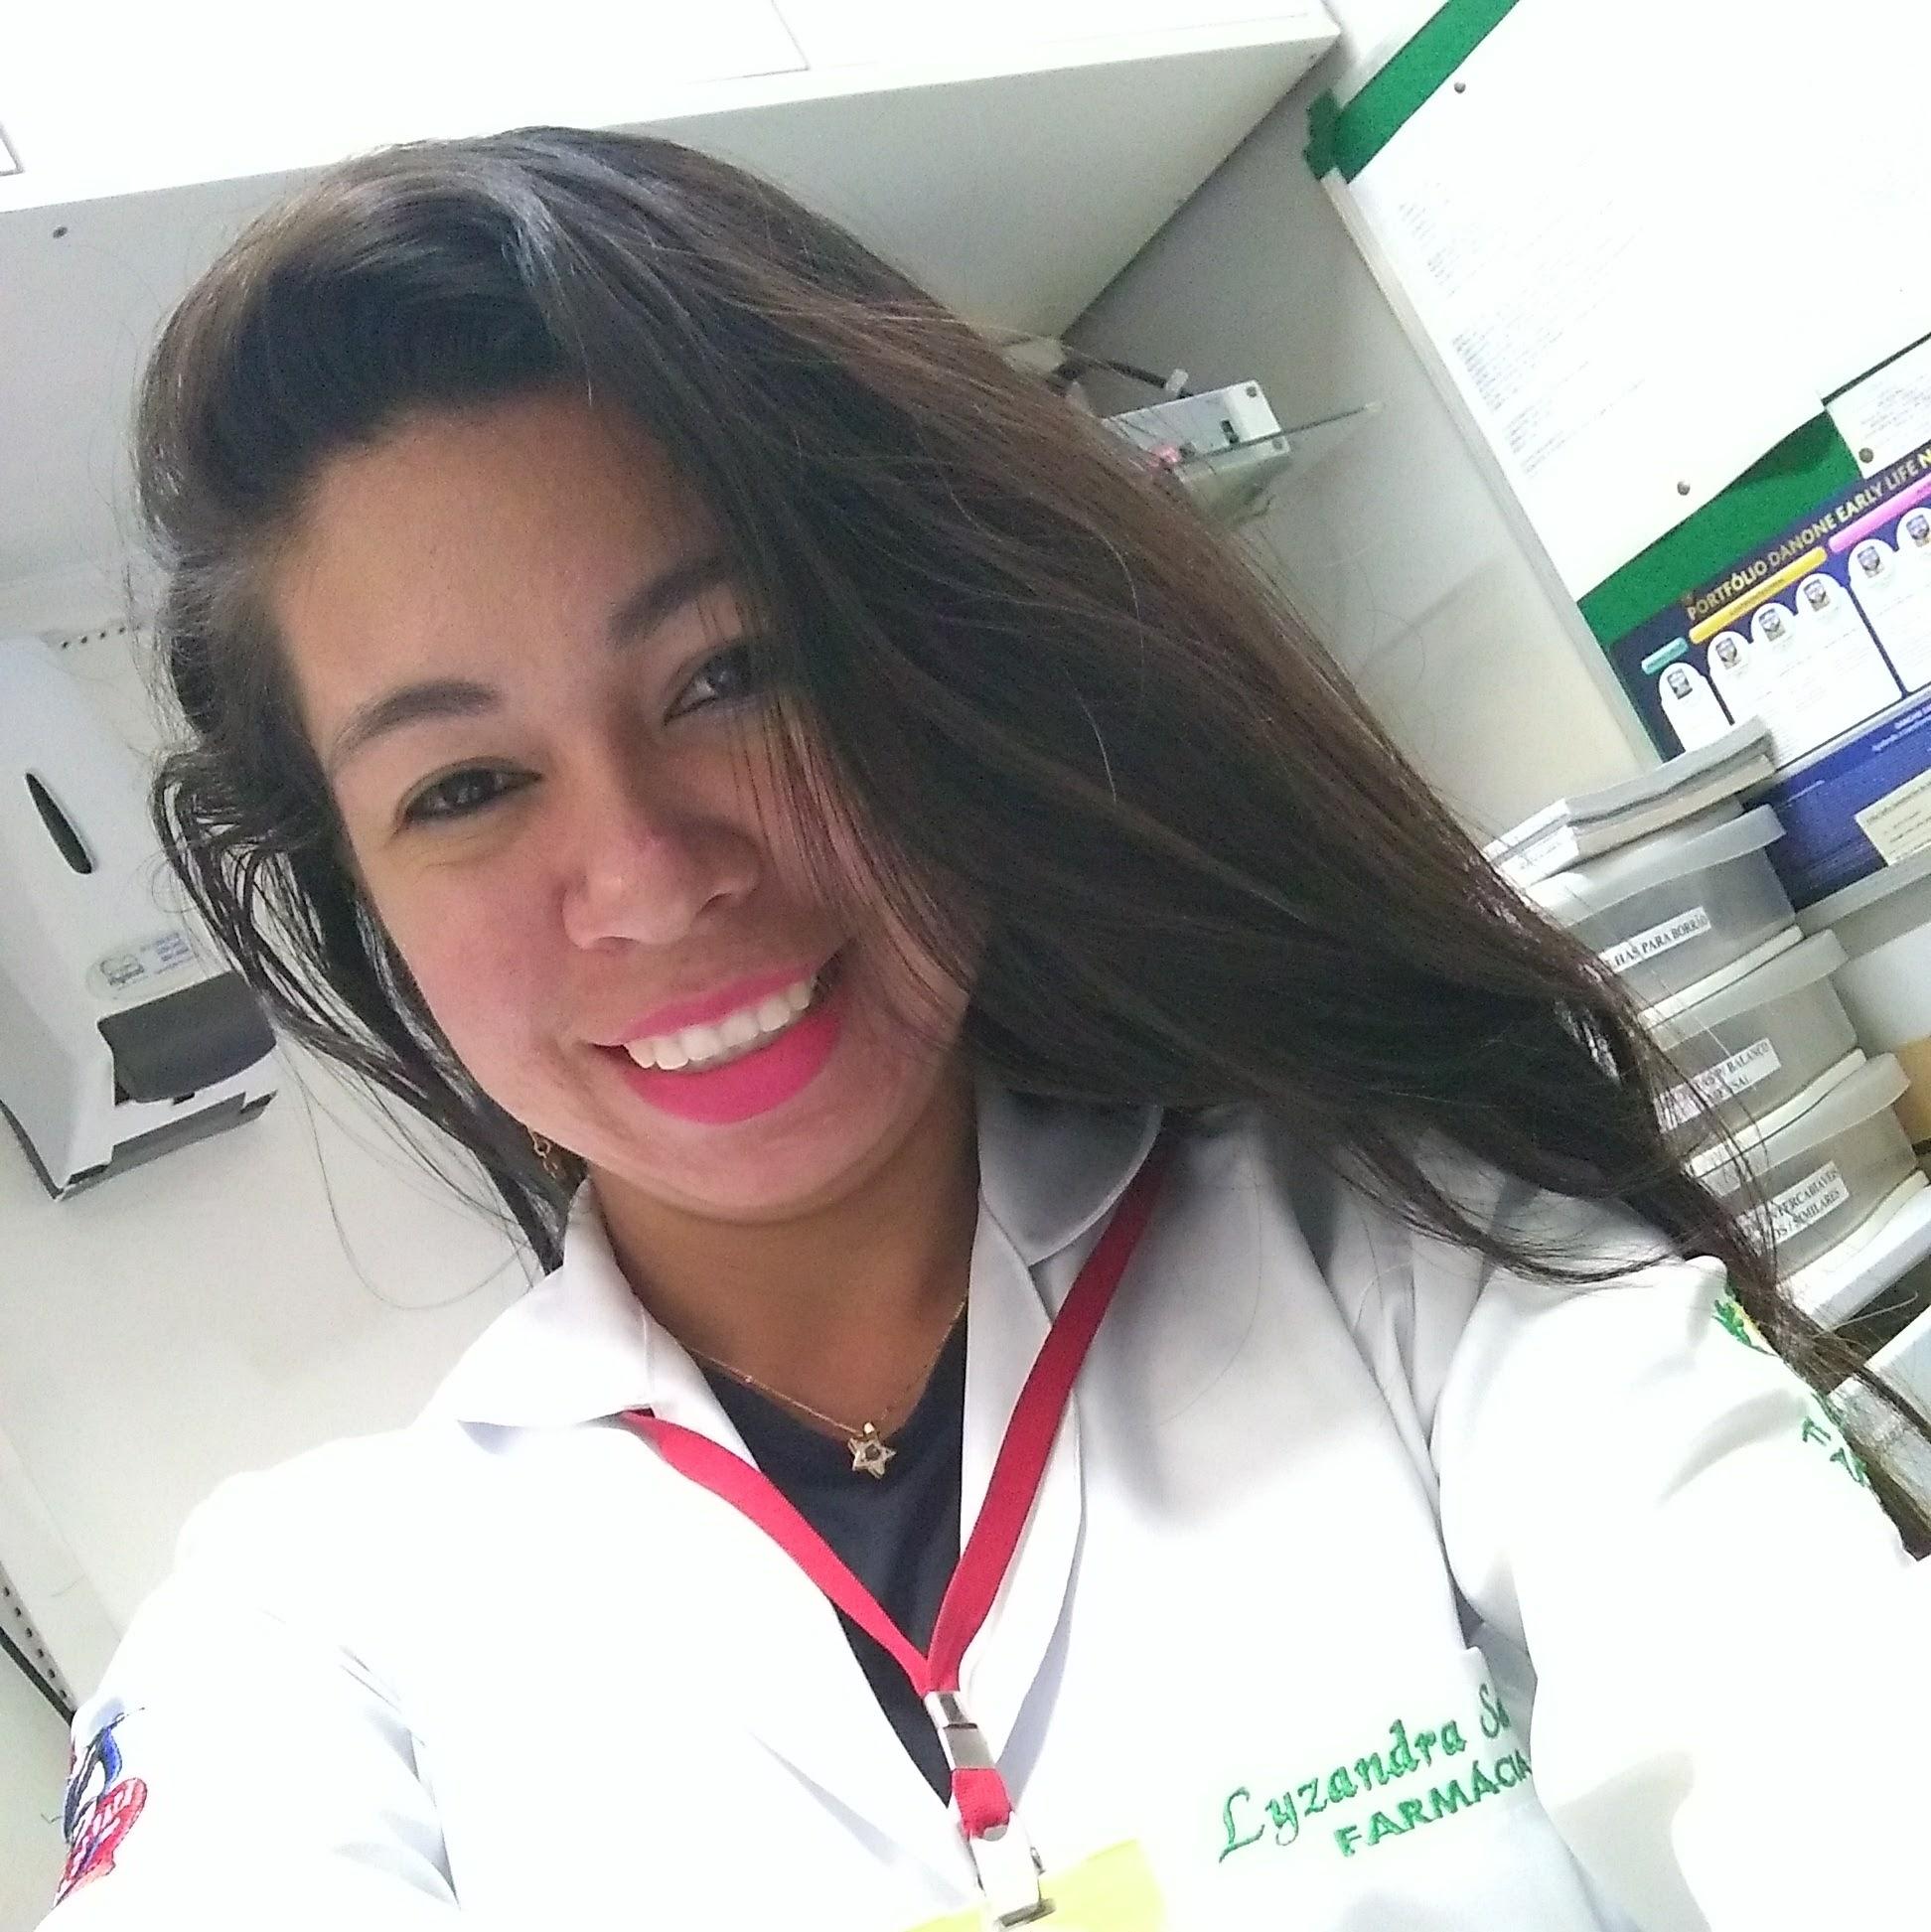 Lyzandra Patricia Maria dos Santos